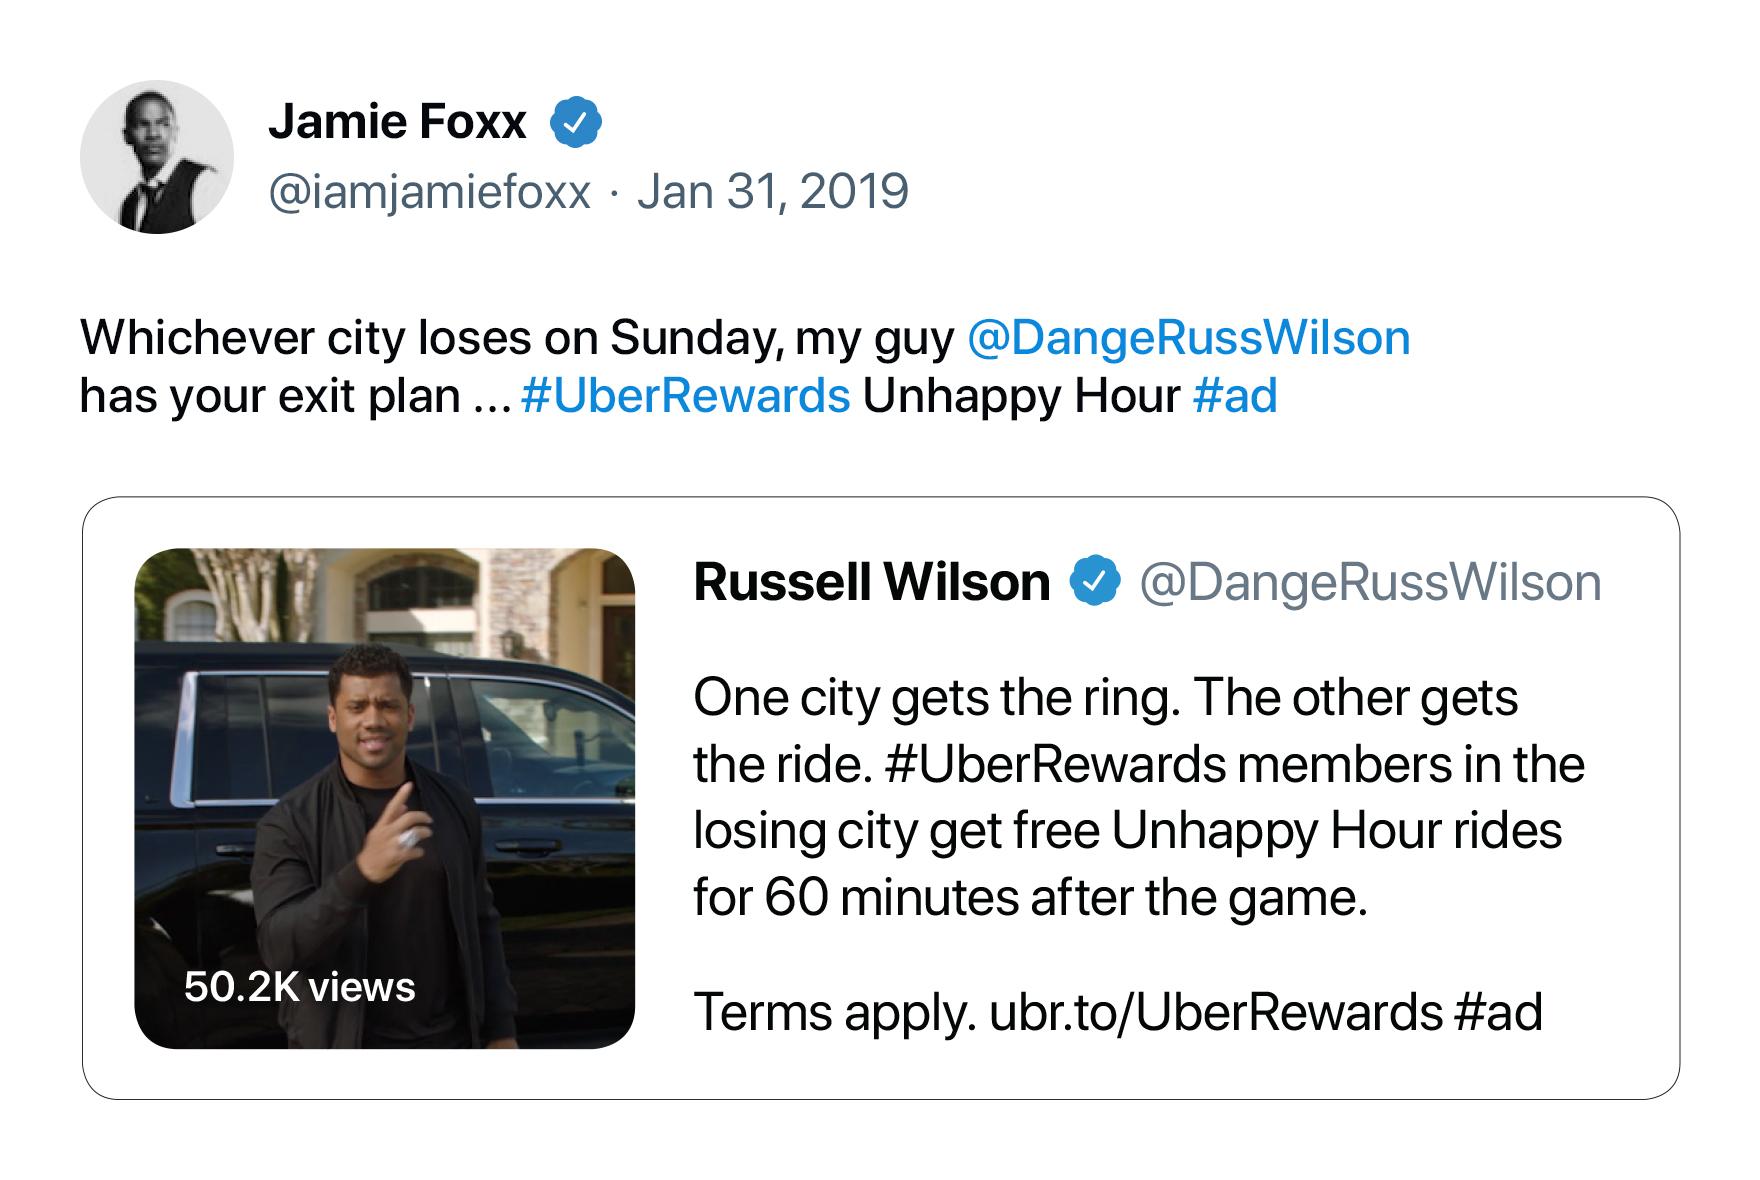 Jamie-Foxx-Tweet